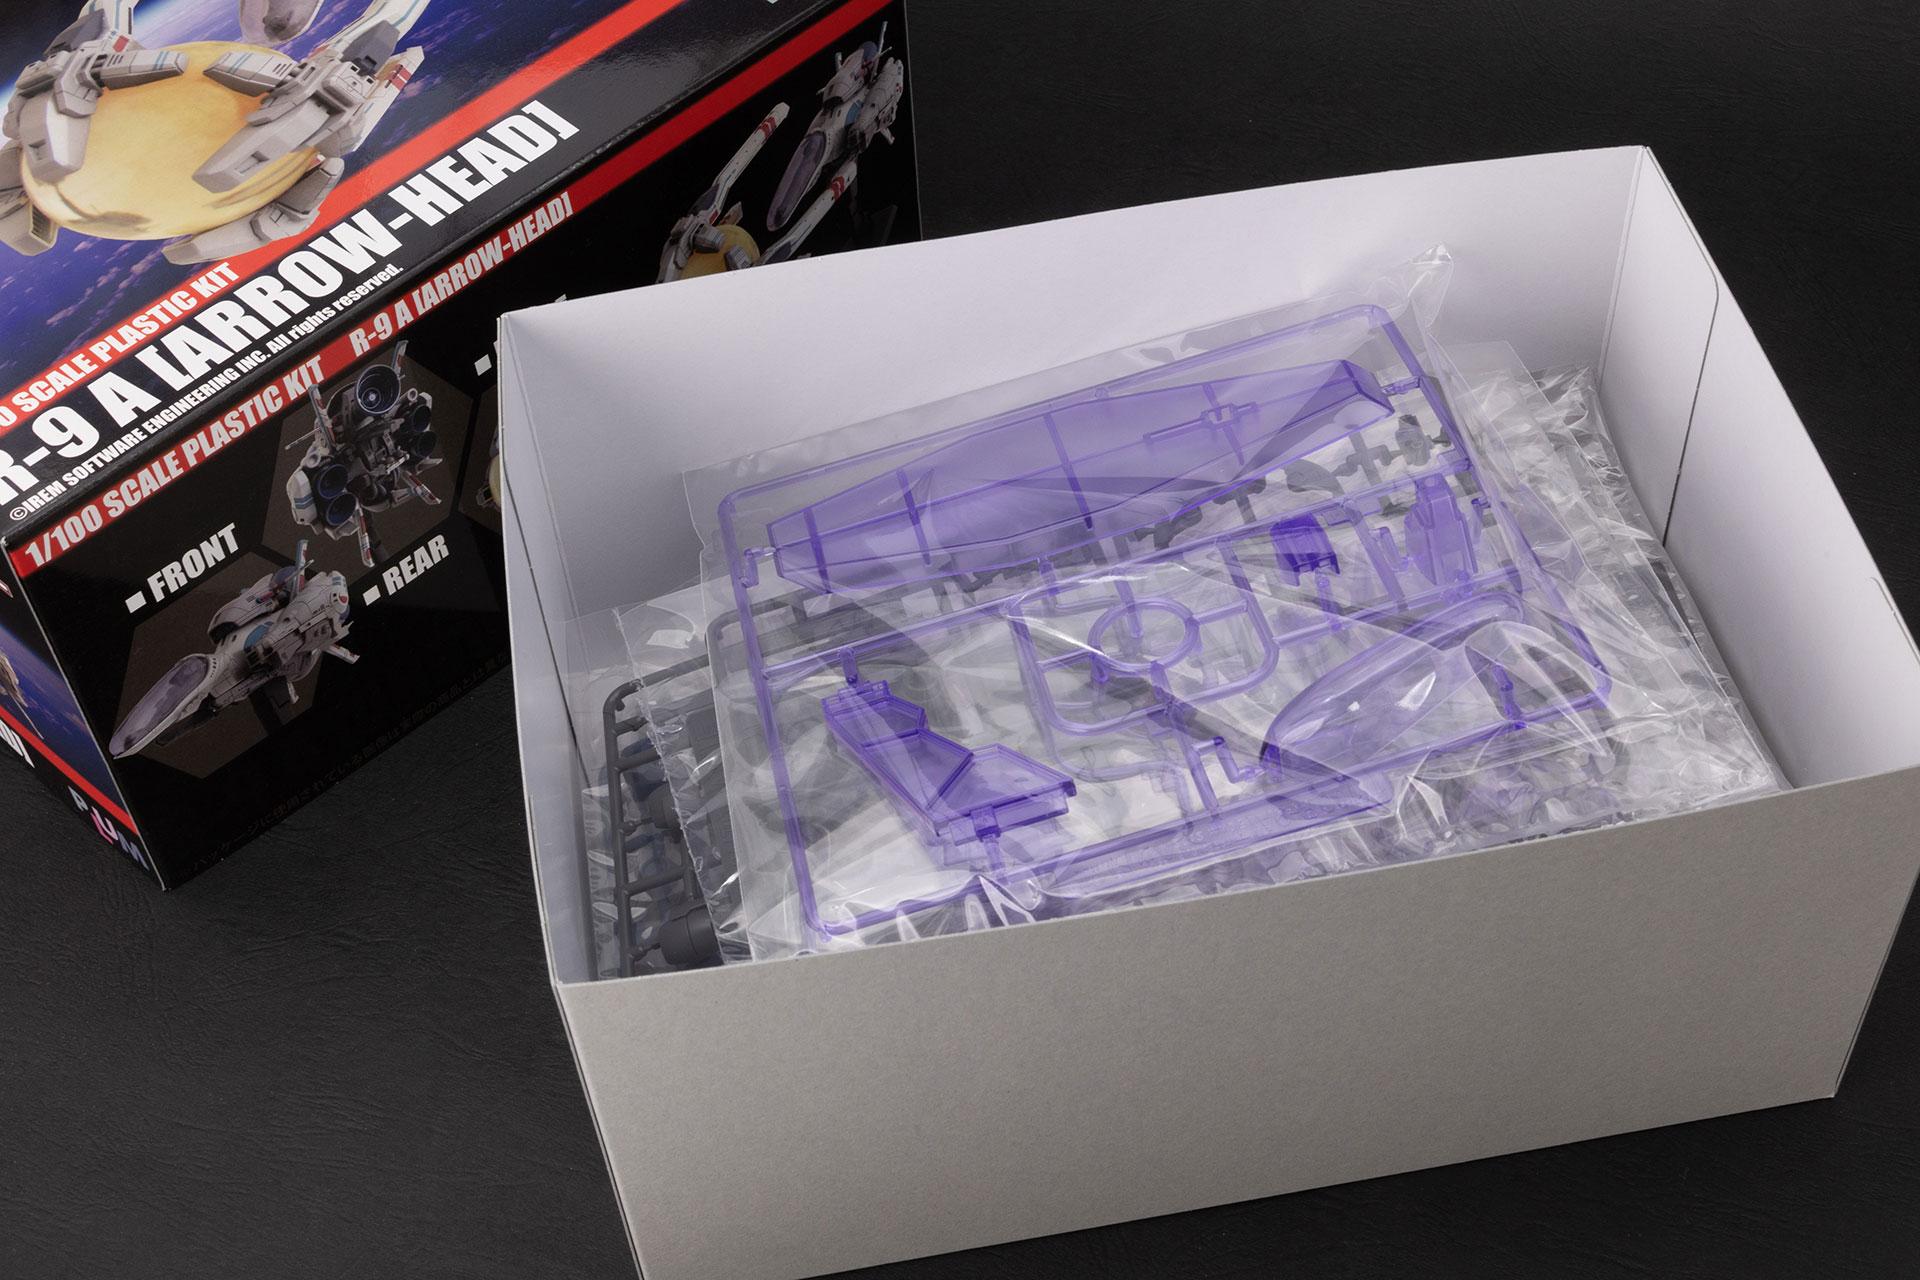 こちらが箱を開けたところ。この箱の厚さにまずビビる。